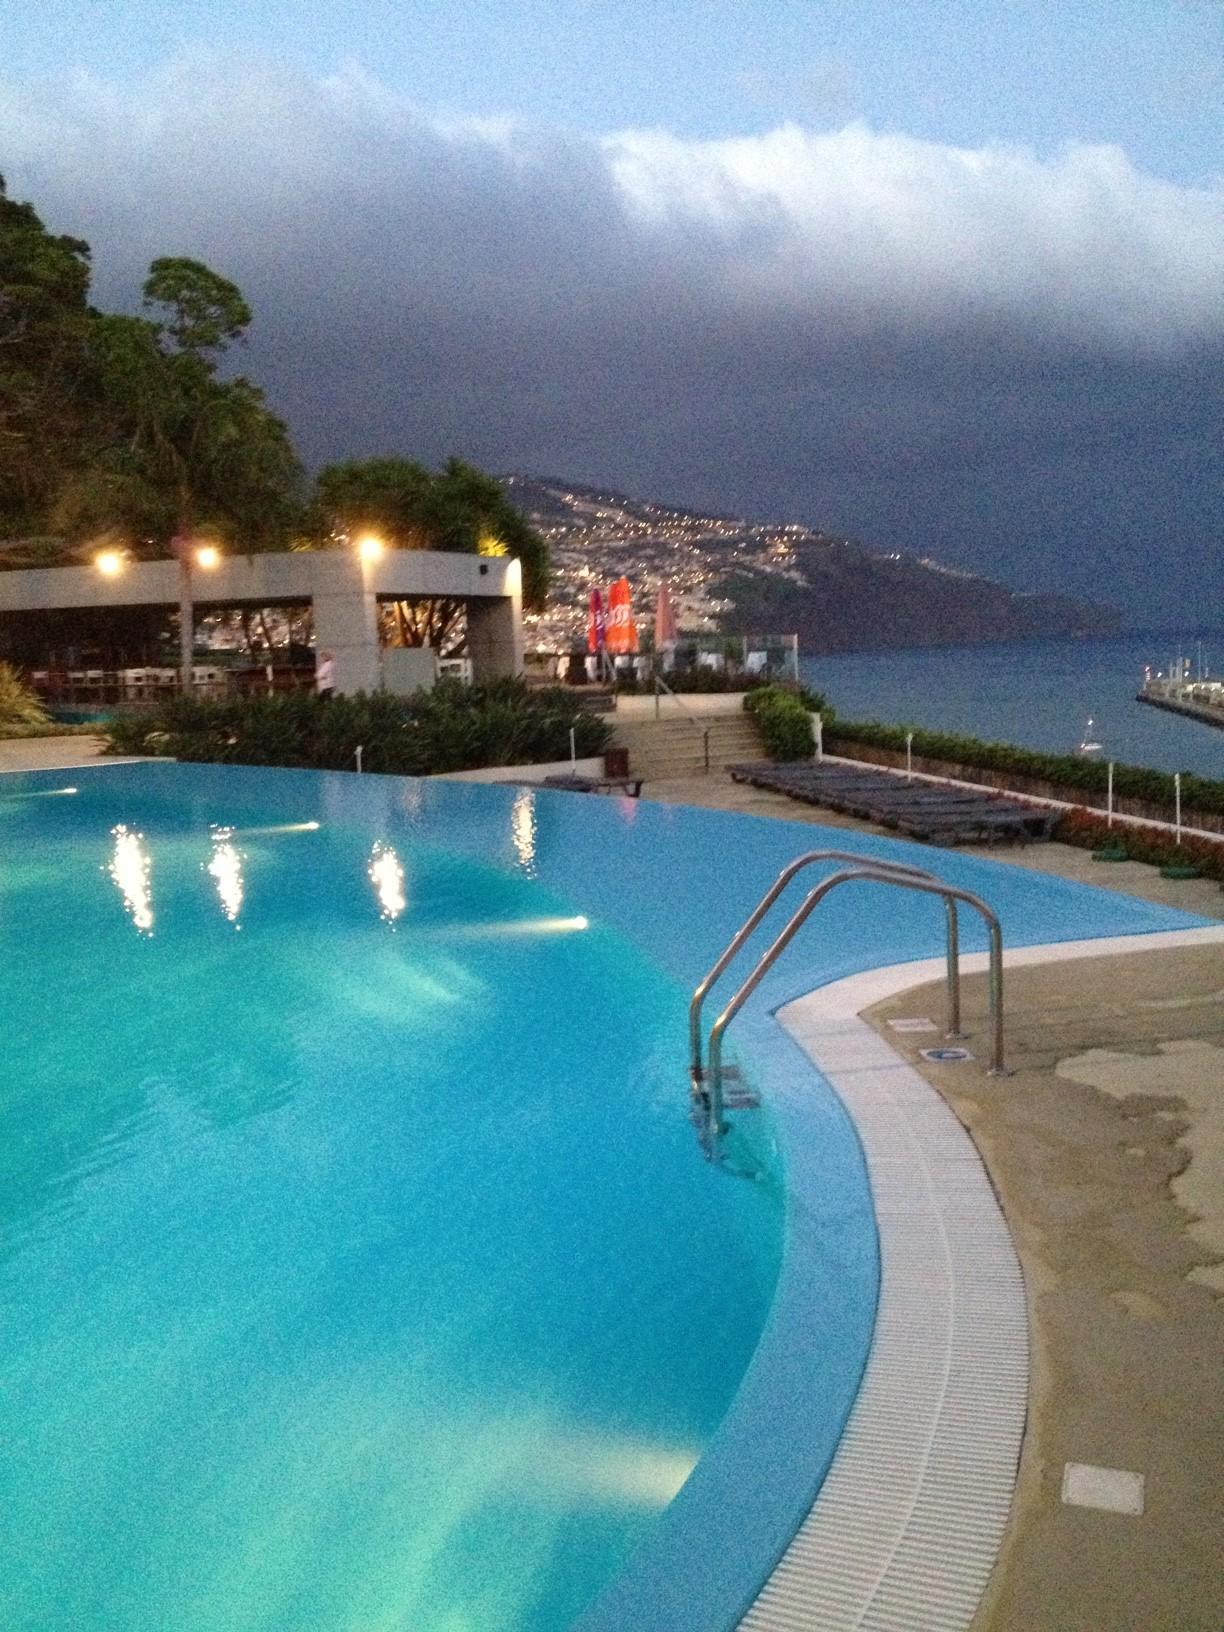 hotel pestana casino park madeira island